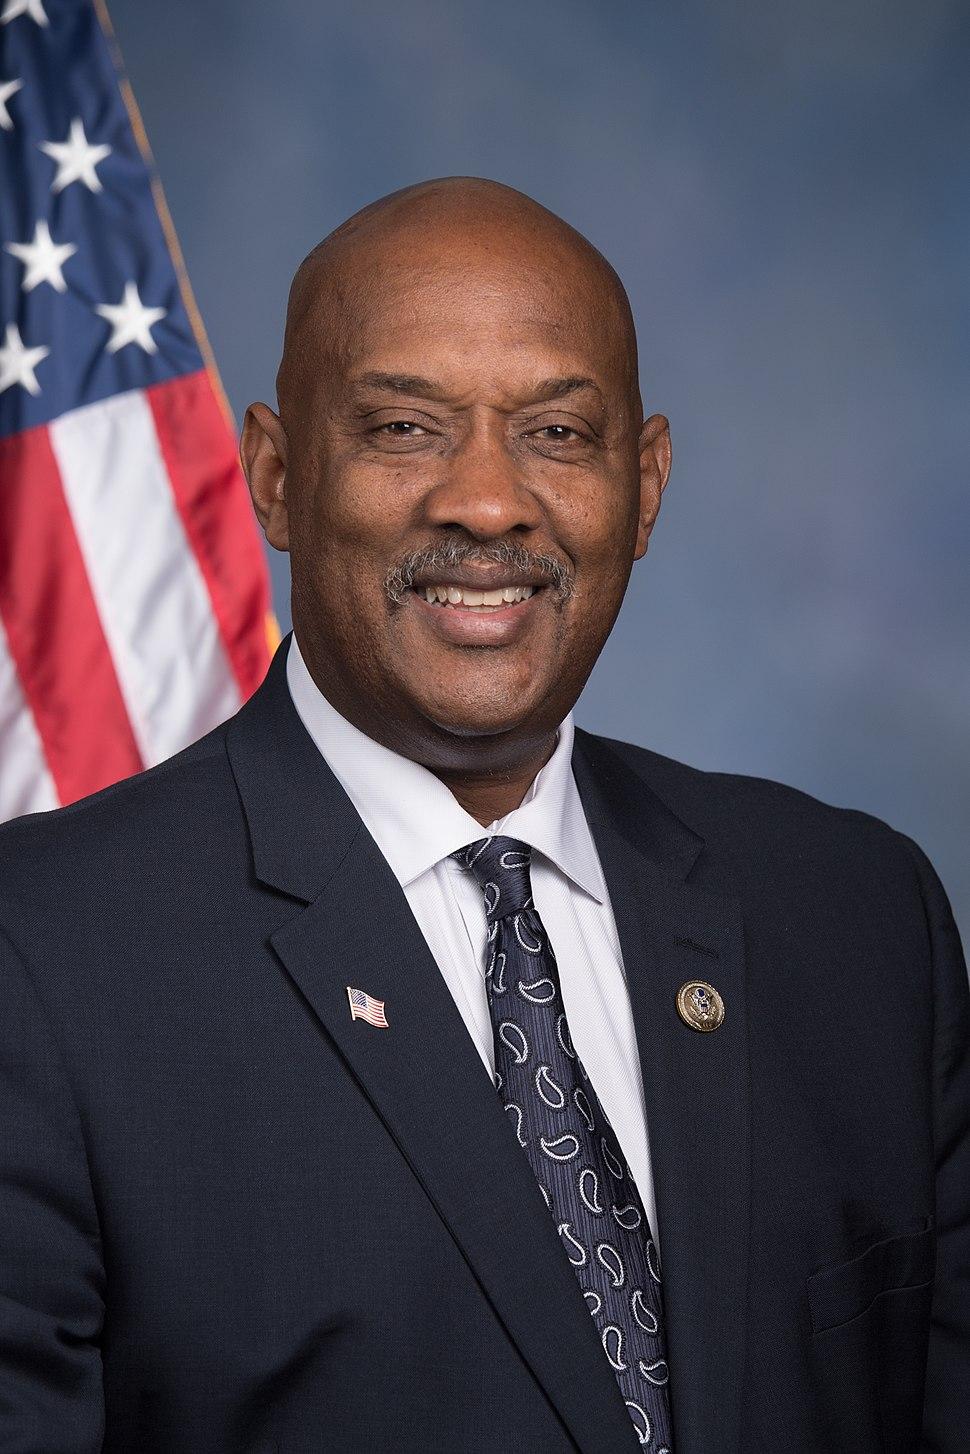 Dwight Evans official portrait